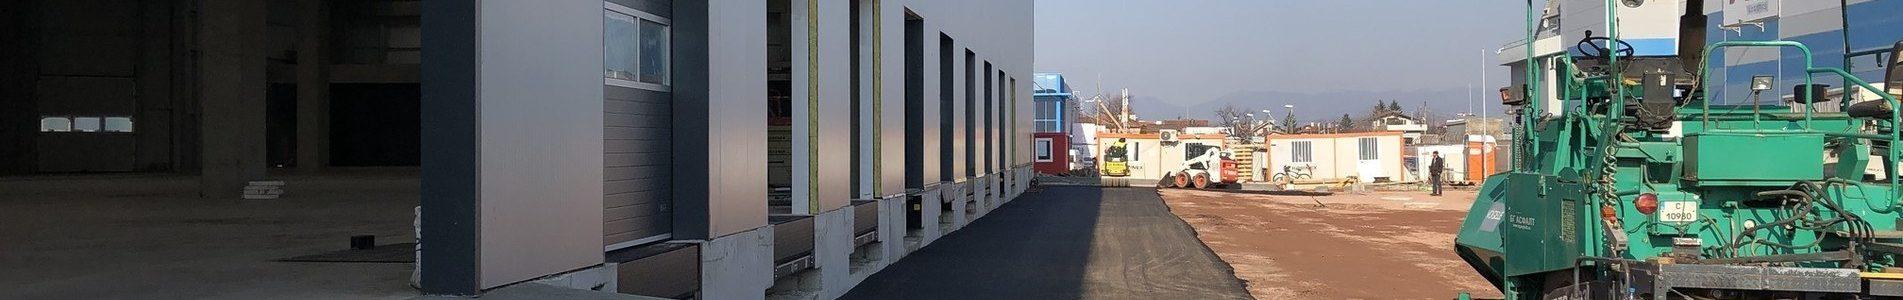 терминал за крос докинг